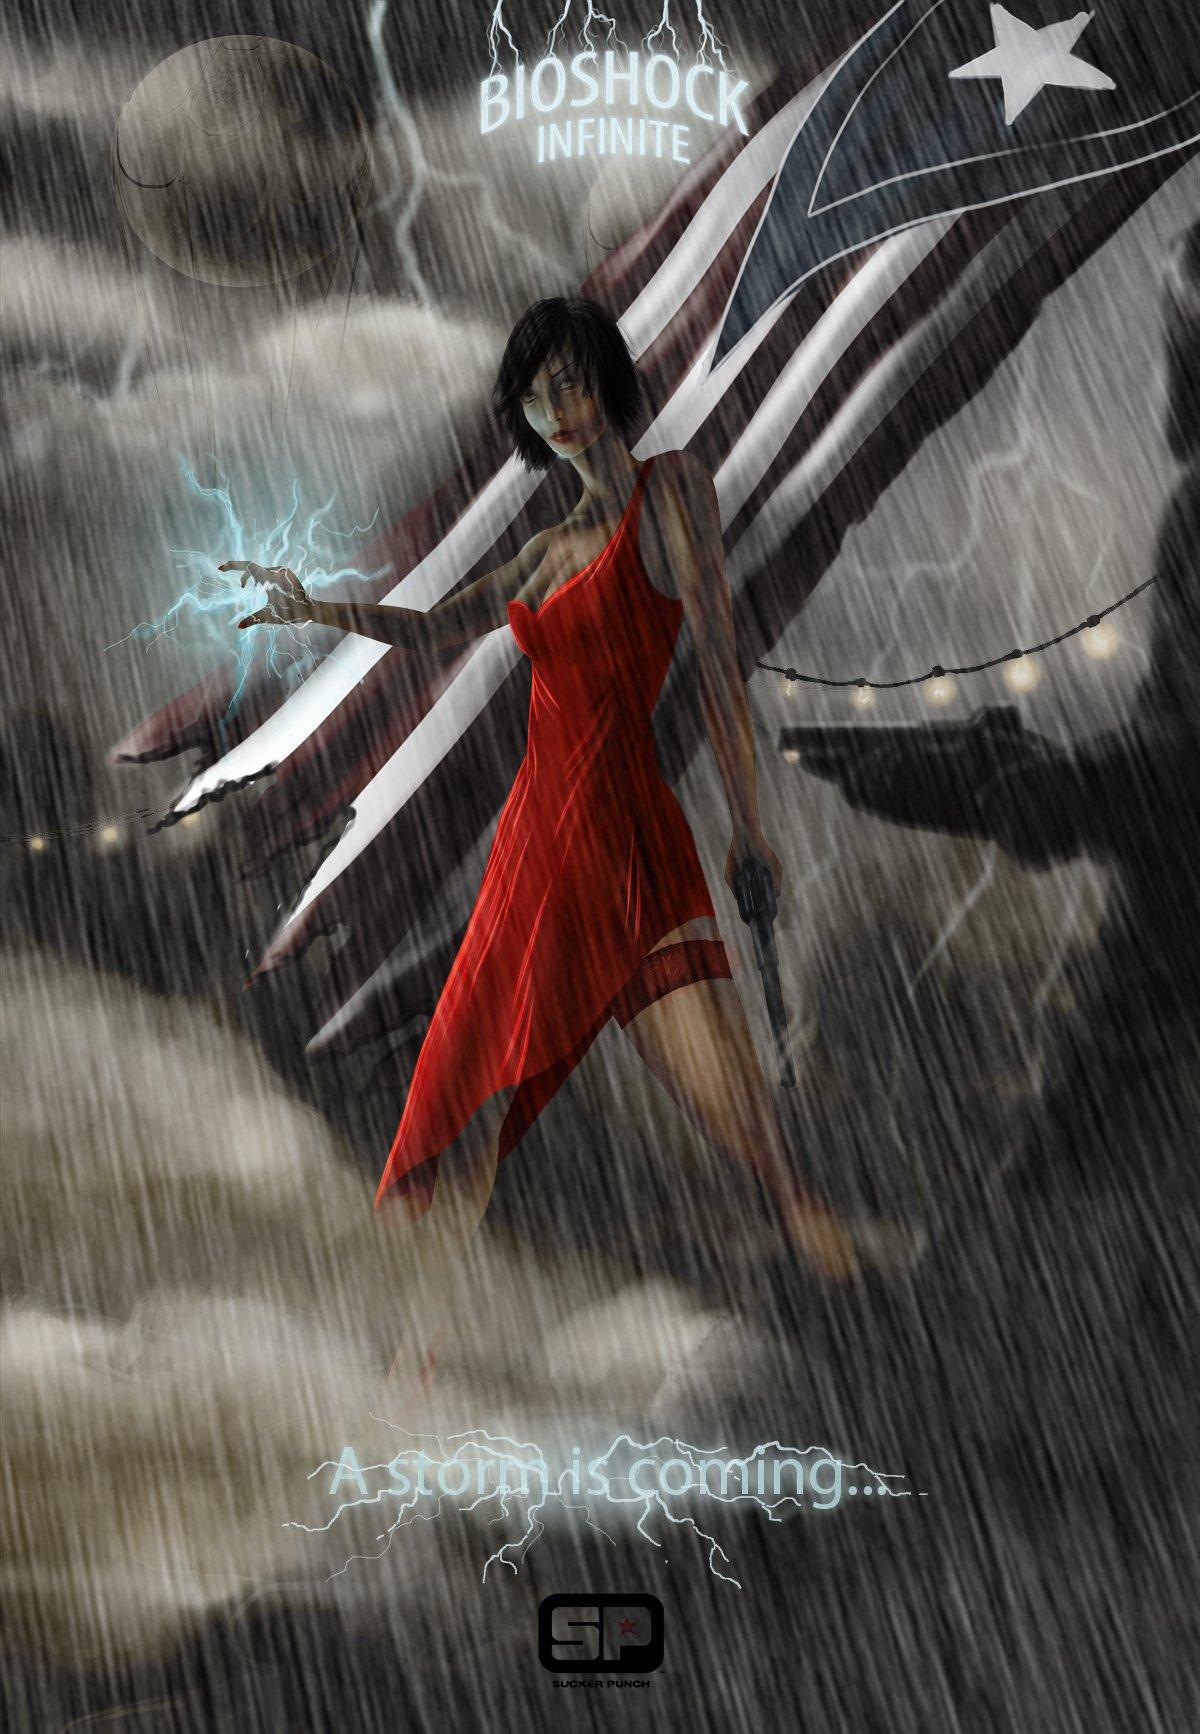 BioShock Infinite от Sucker Punch Productions.Колумбия уже четыре года находится посреди грозового атмосферного фрон ... - Изображение 1